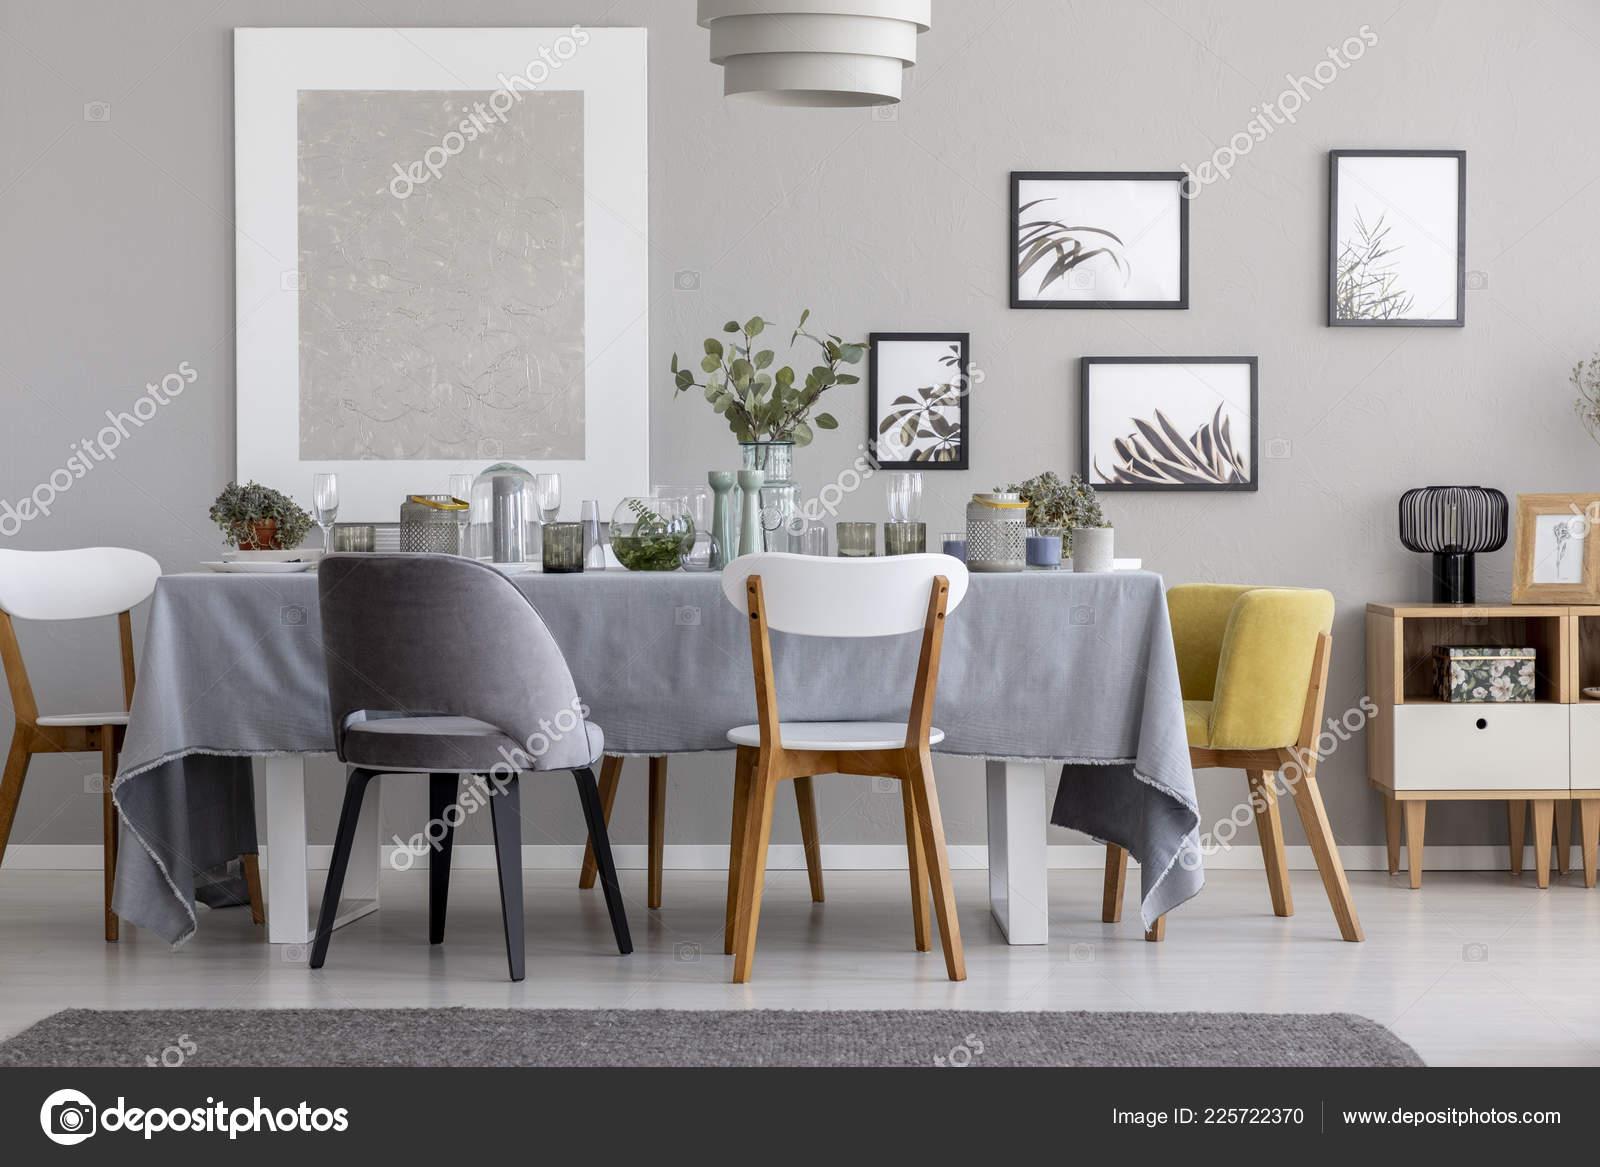 Blanc Gris Jaune Chaise Table Avec Vaisselle Intérieur Salle Manger ...